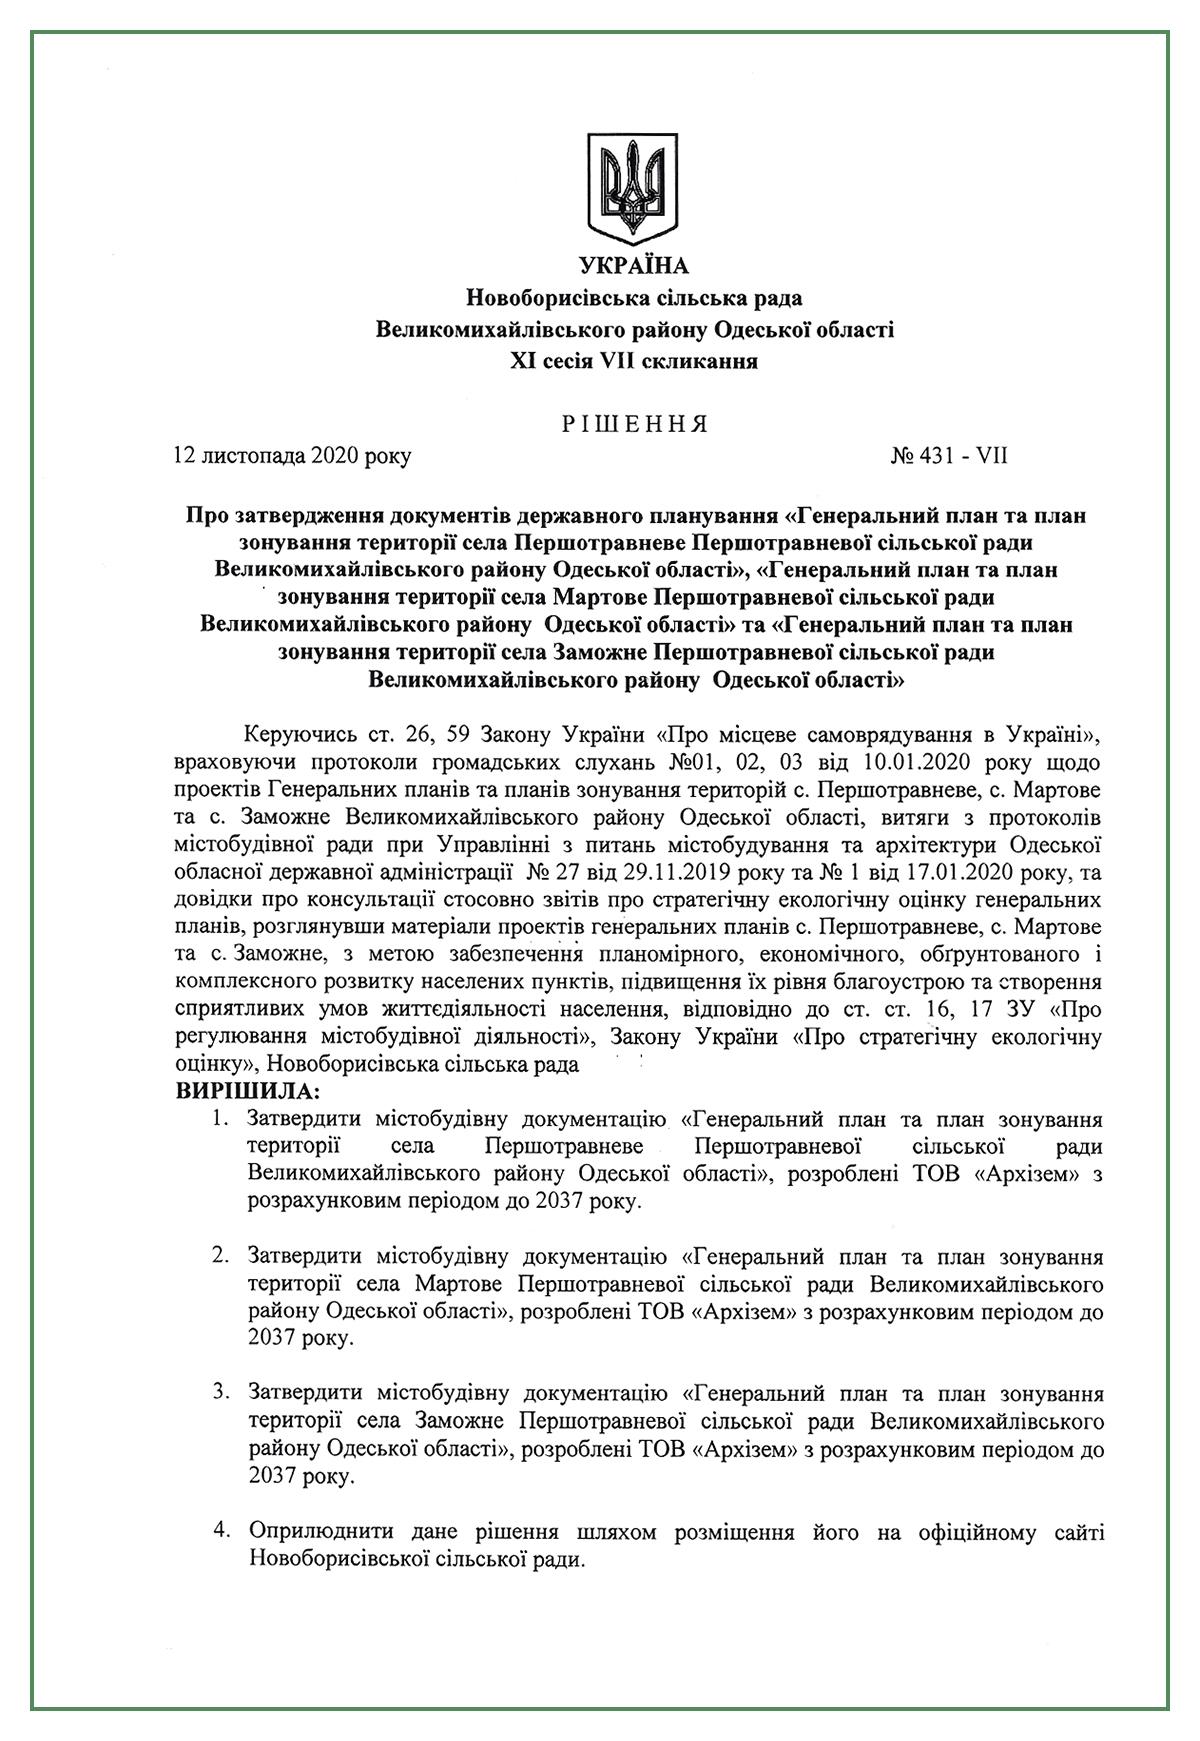 утвердили генплан Першотравневое